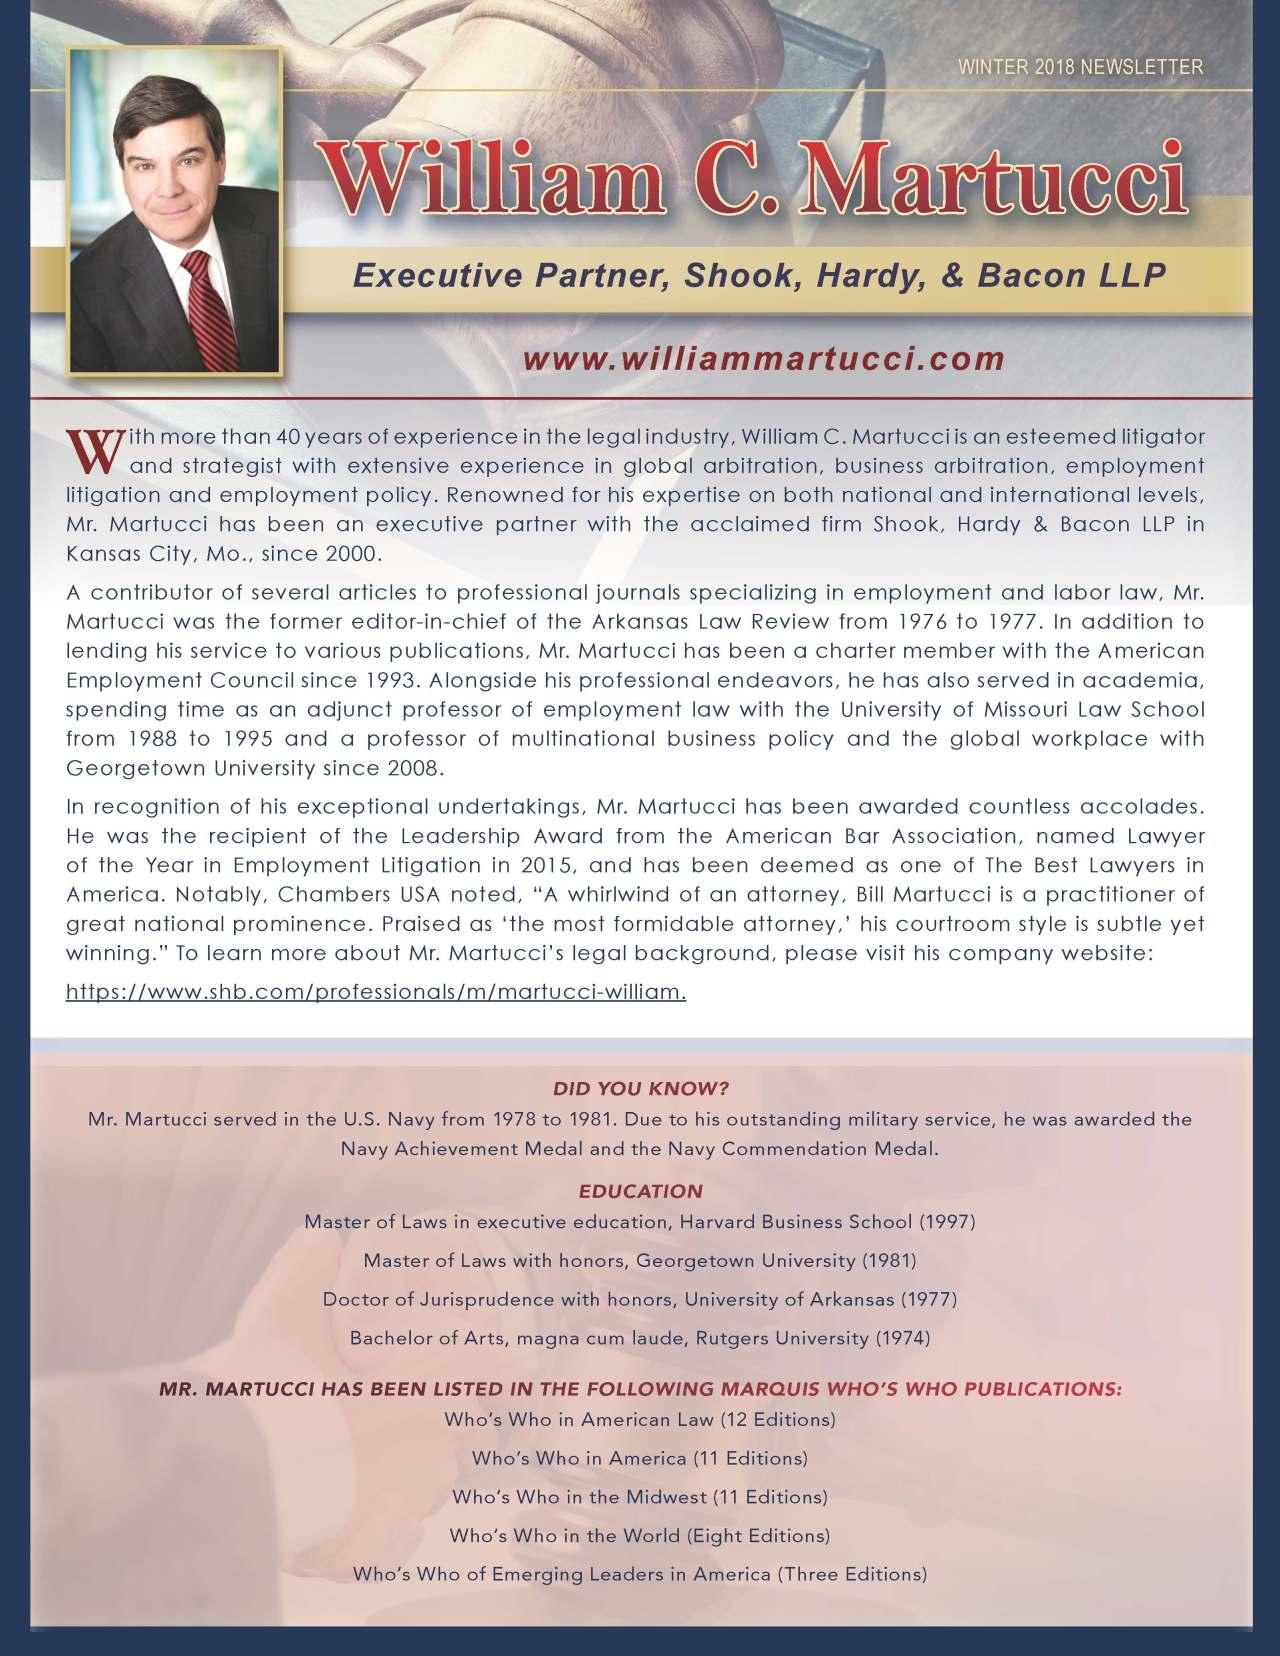 Martucci, William 2188421_3936482 Newsletter.jpg